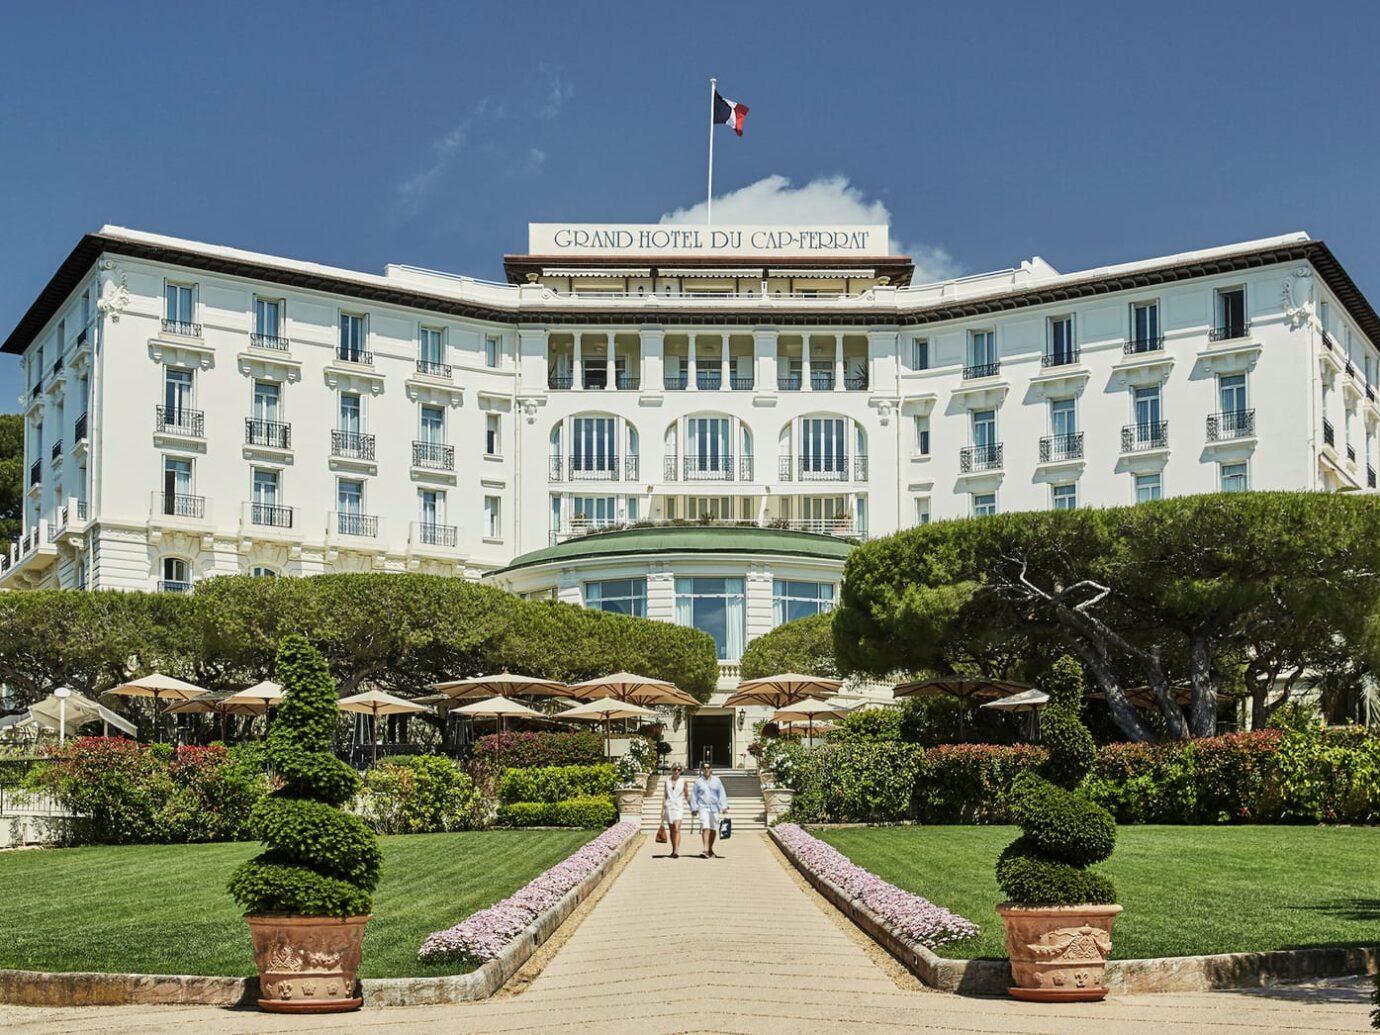 Exterior of Grand-Hôtel du Cap-Ferrat in Nice